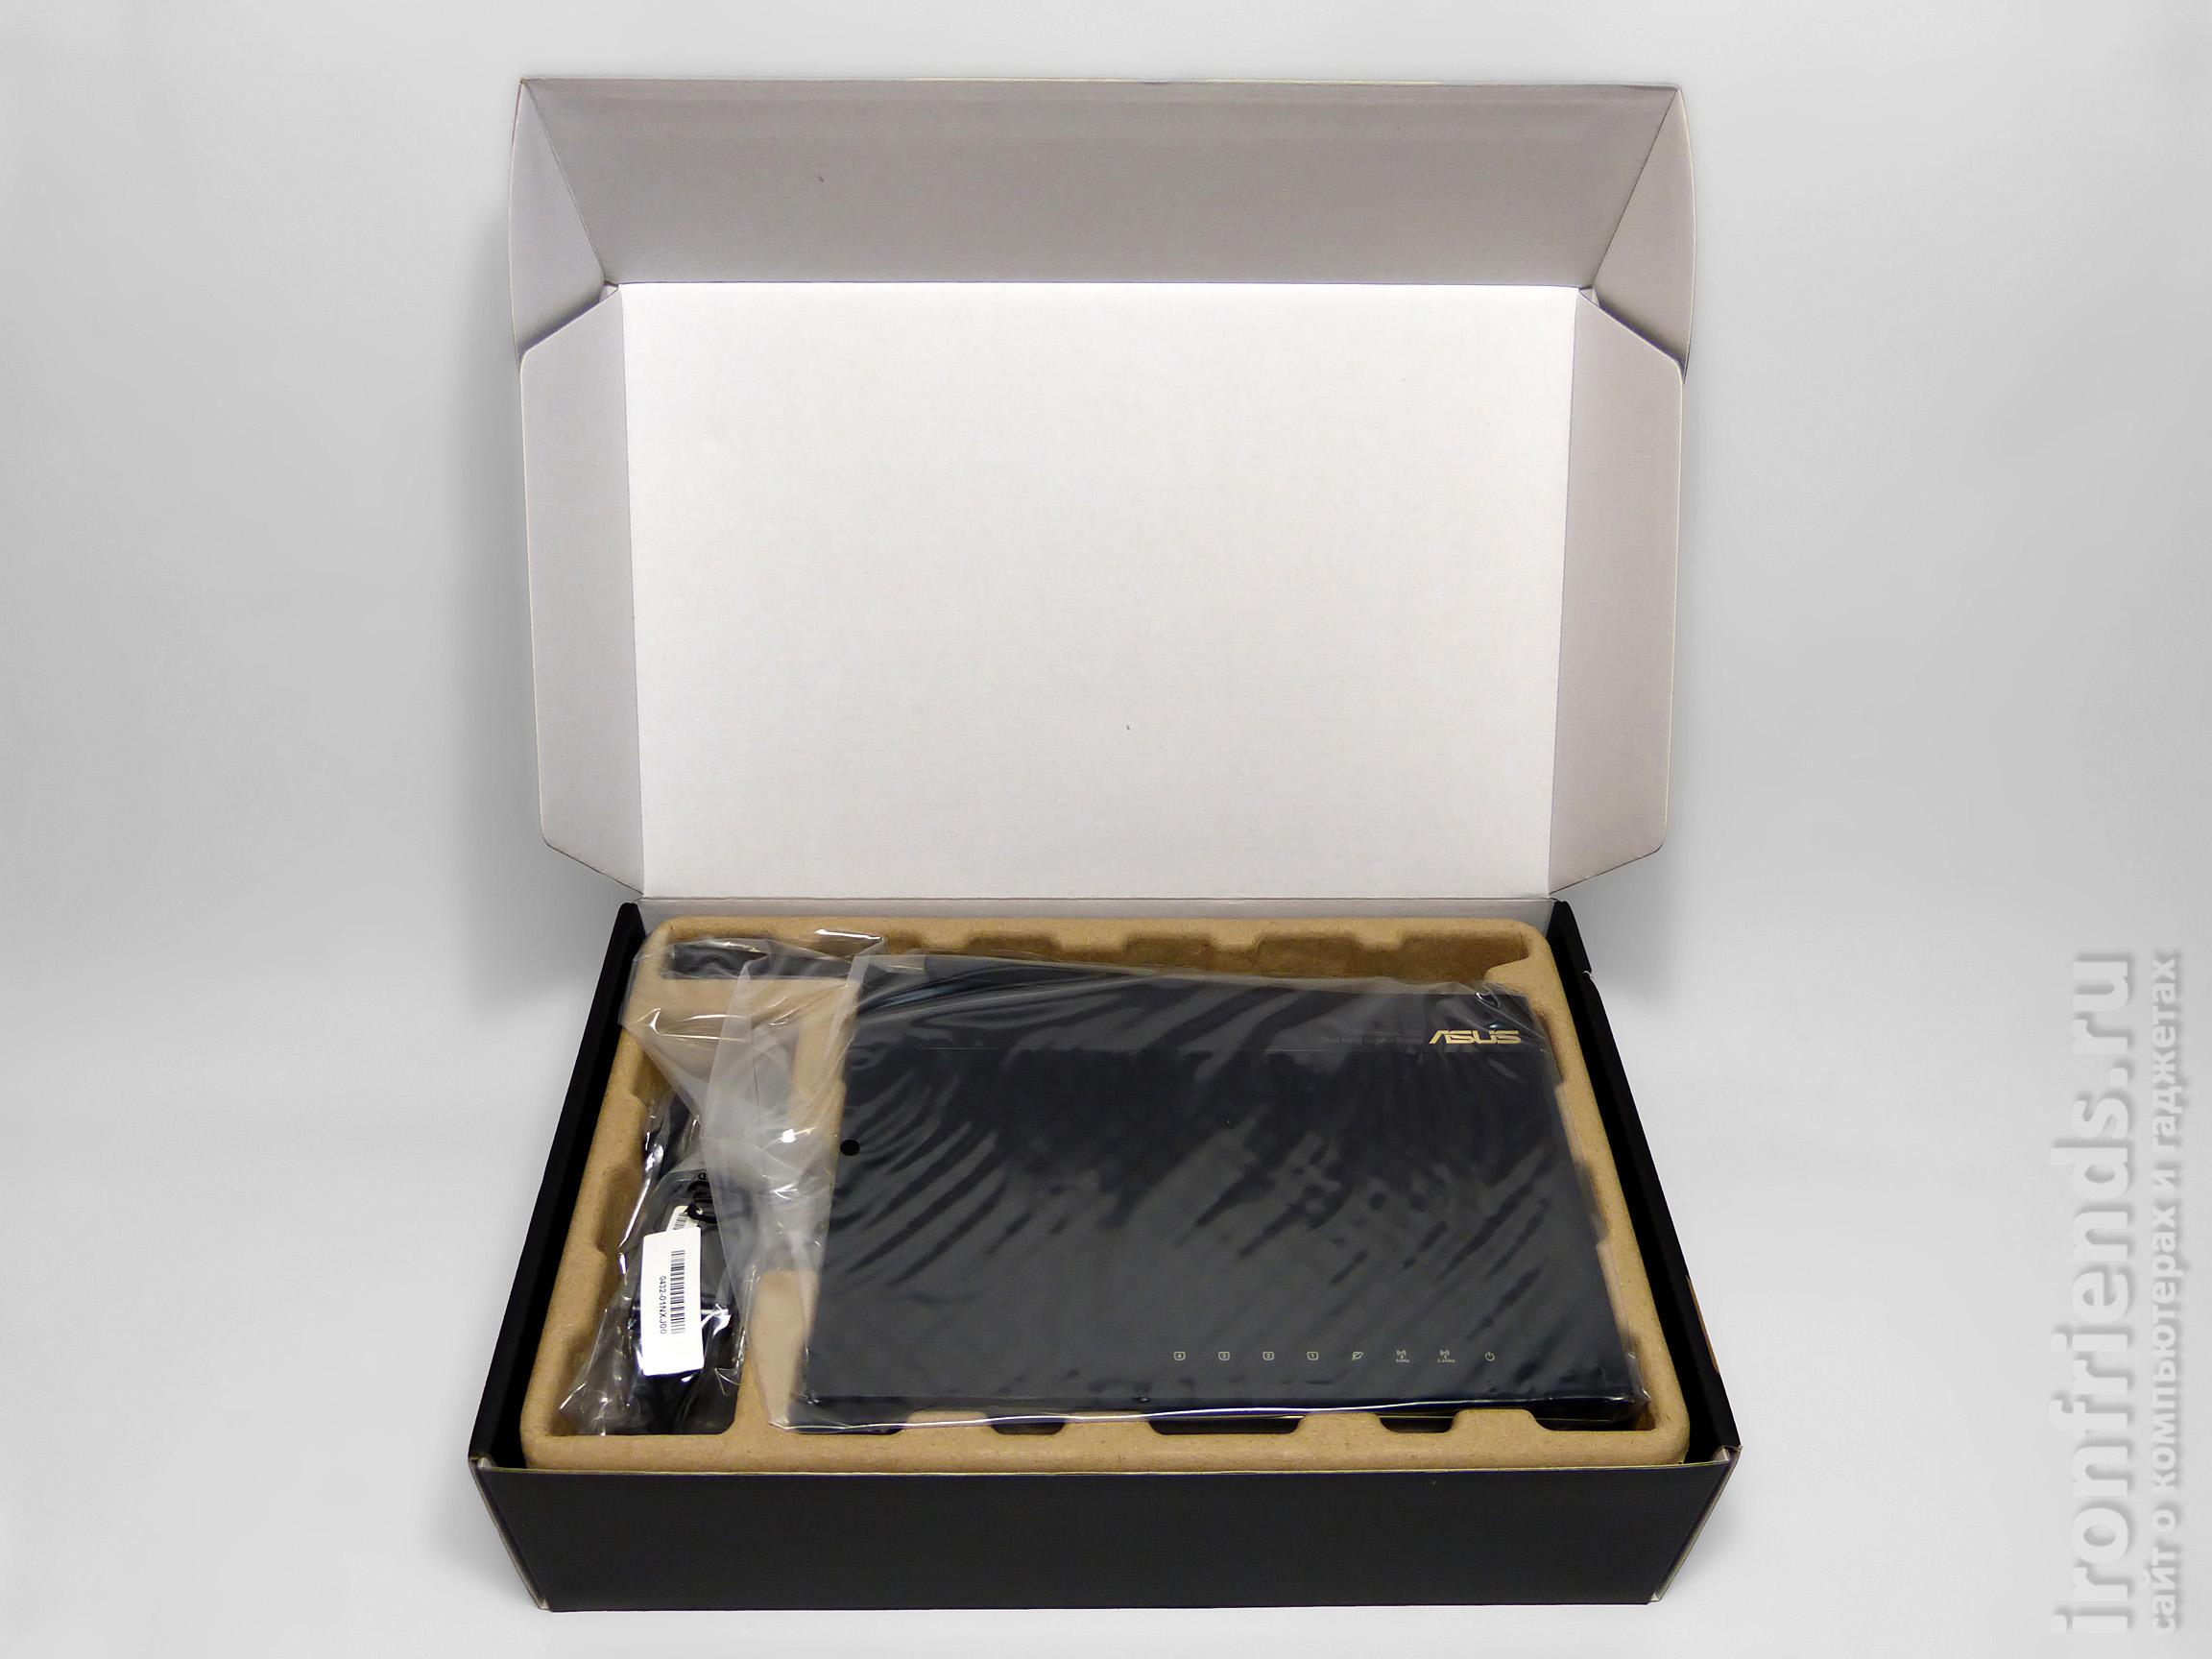 Упаковка ASUS RT-AC66U B1